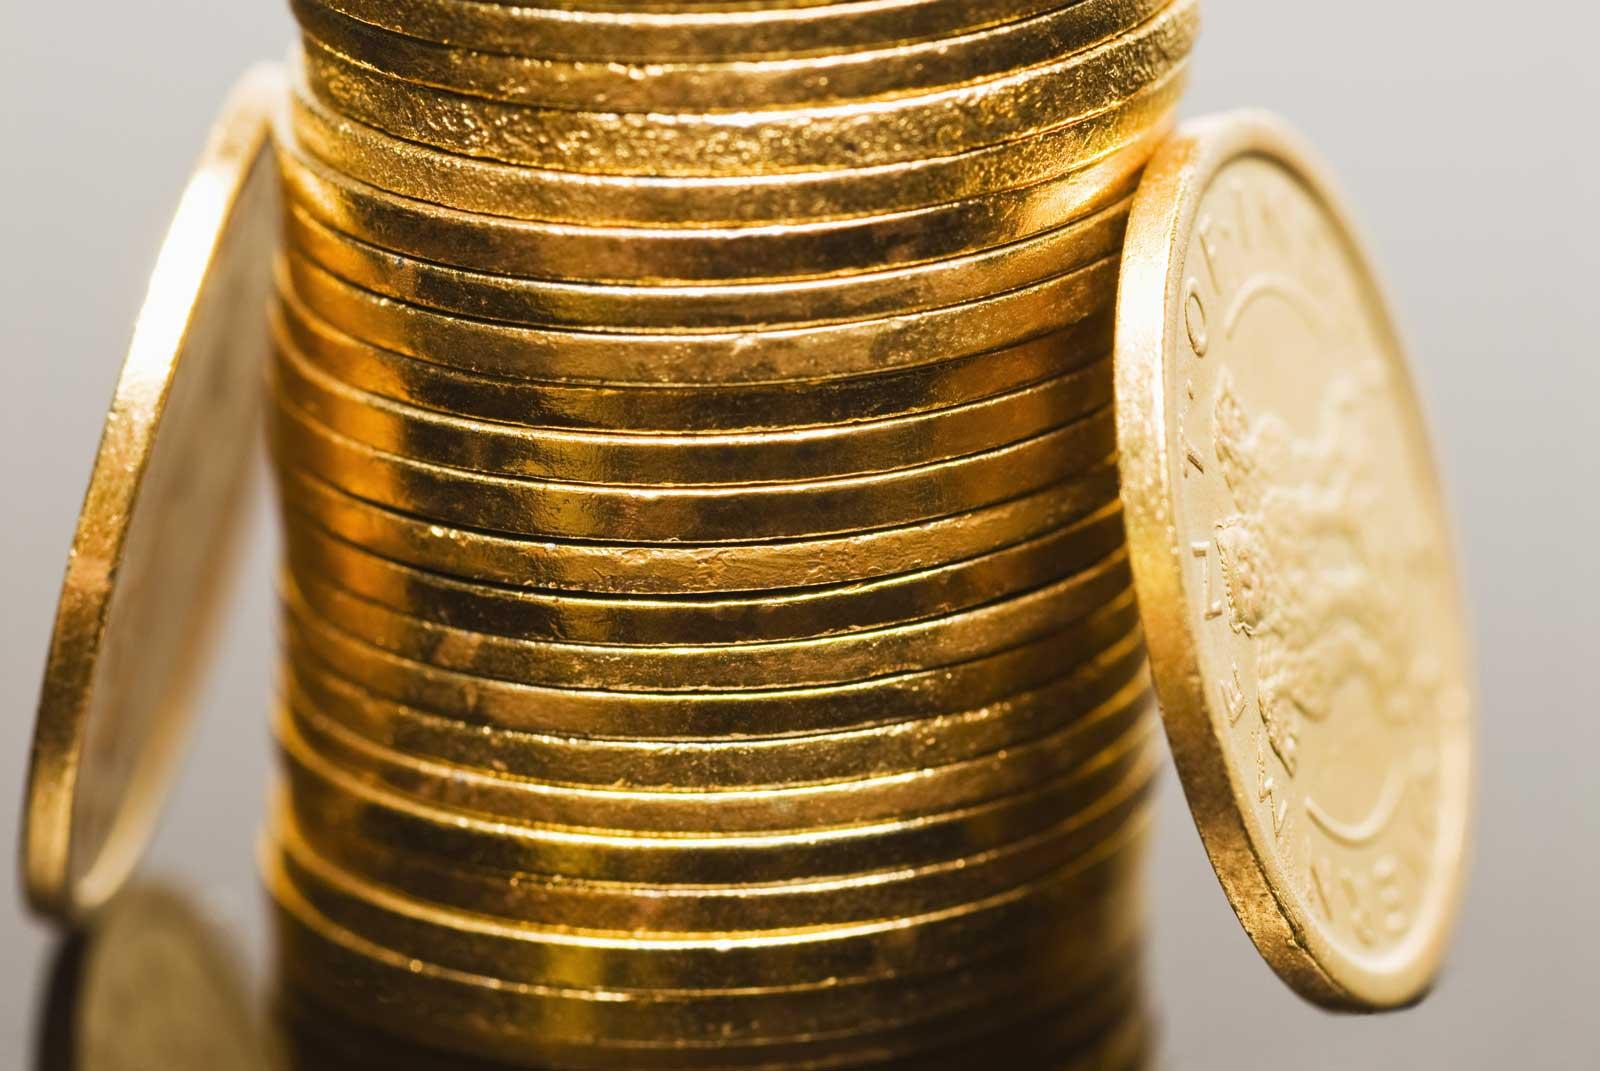 Conio, la app per convertire Bitcoin in oro